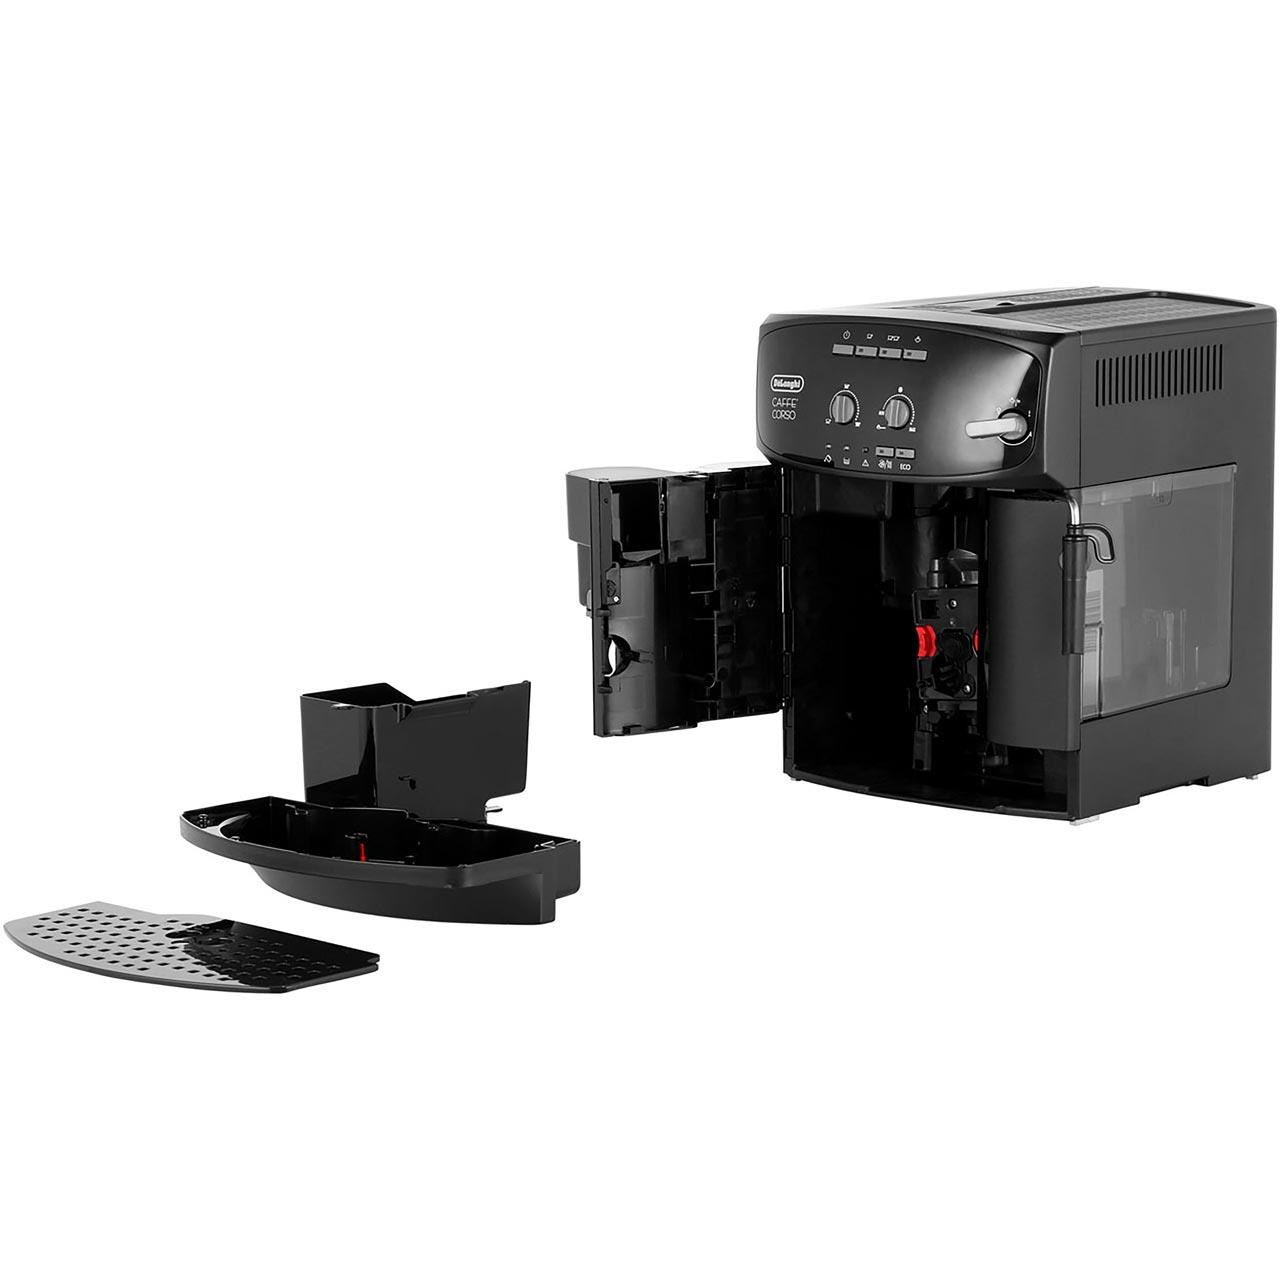 delonghi caffe corso esam 2600 manual